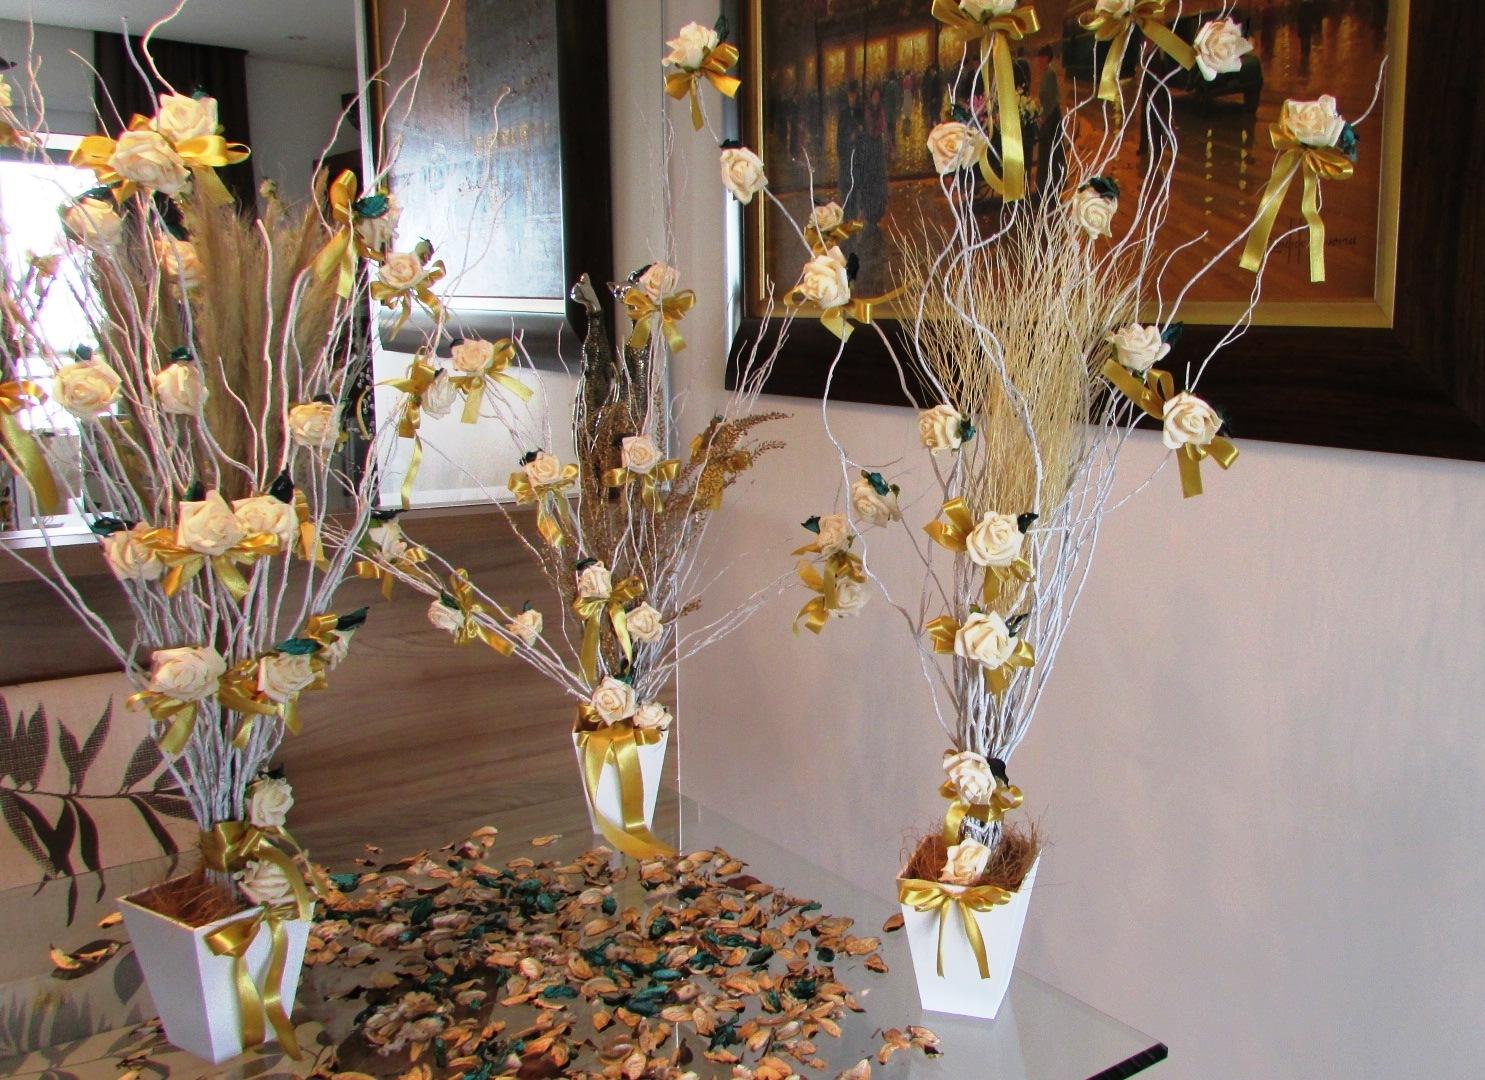 trabalhos manuais para decoracao de interiores : trabalhos manuais para decoracao de interiores:trio dourado de mini arvores francesas i fazendinha trio dourado de